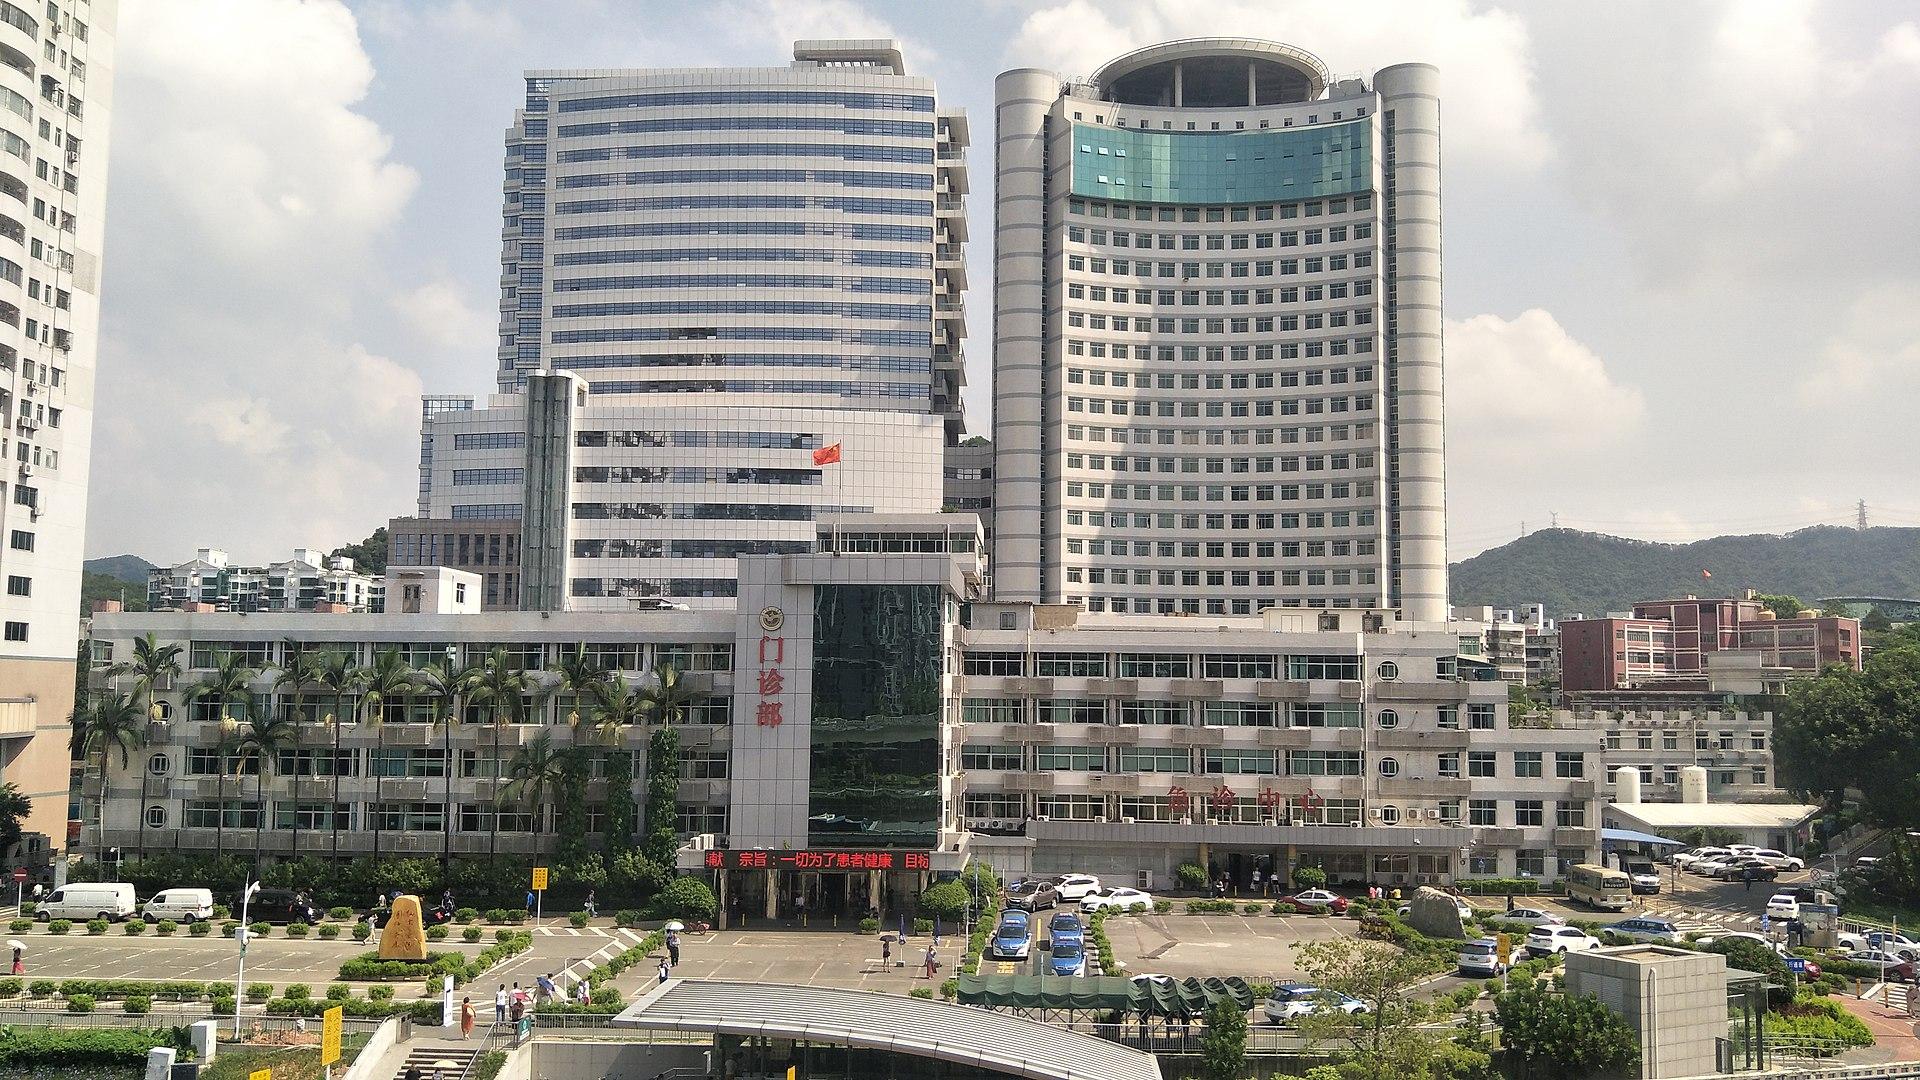 深圳市第二人民醫院日前發文「熱烈祝賀胸外科2020年度手術量突破1000台」,引發爭議。(維基百科)